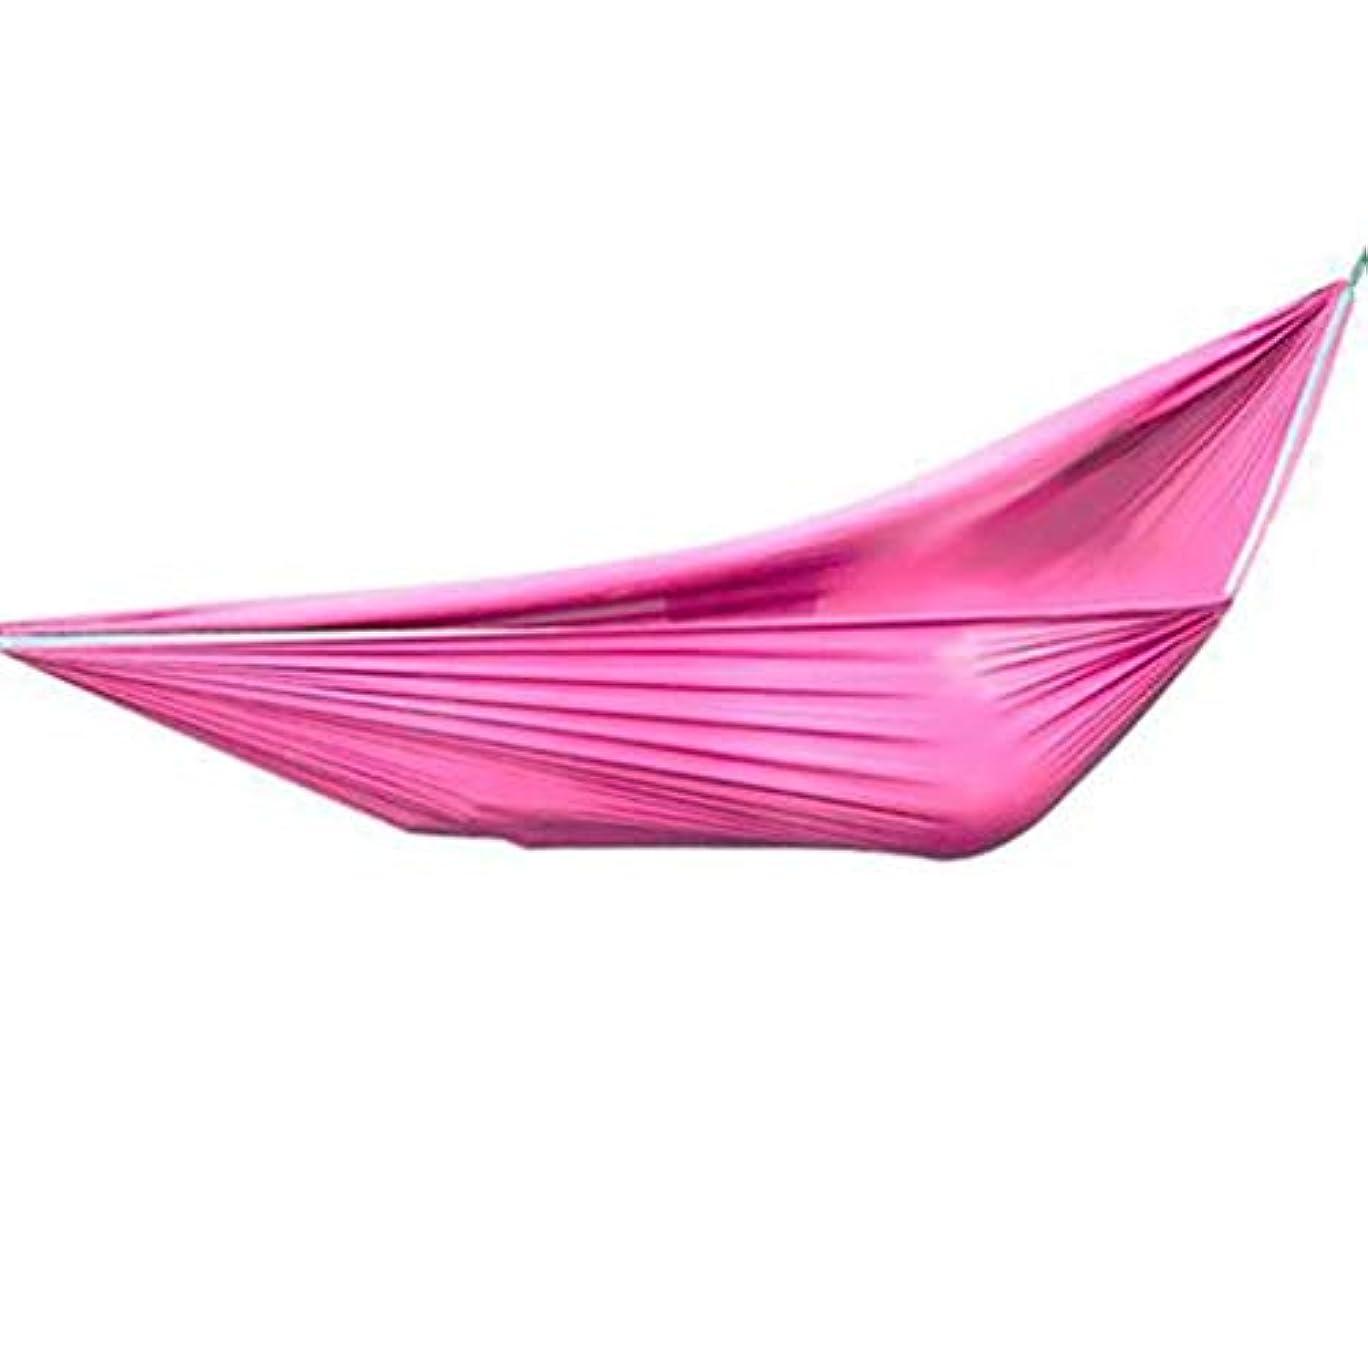 唯一シュガーインディカ屋外ダブルキャンバスハンモック、快適でポータブル、大胆な補強(複数の色が利用可能) (色 : ピンク, サイズ さいず : 260×150cm)